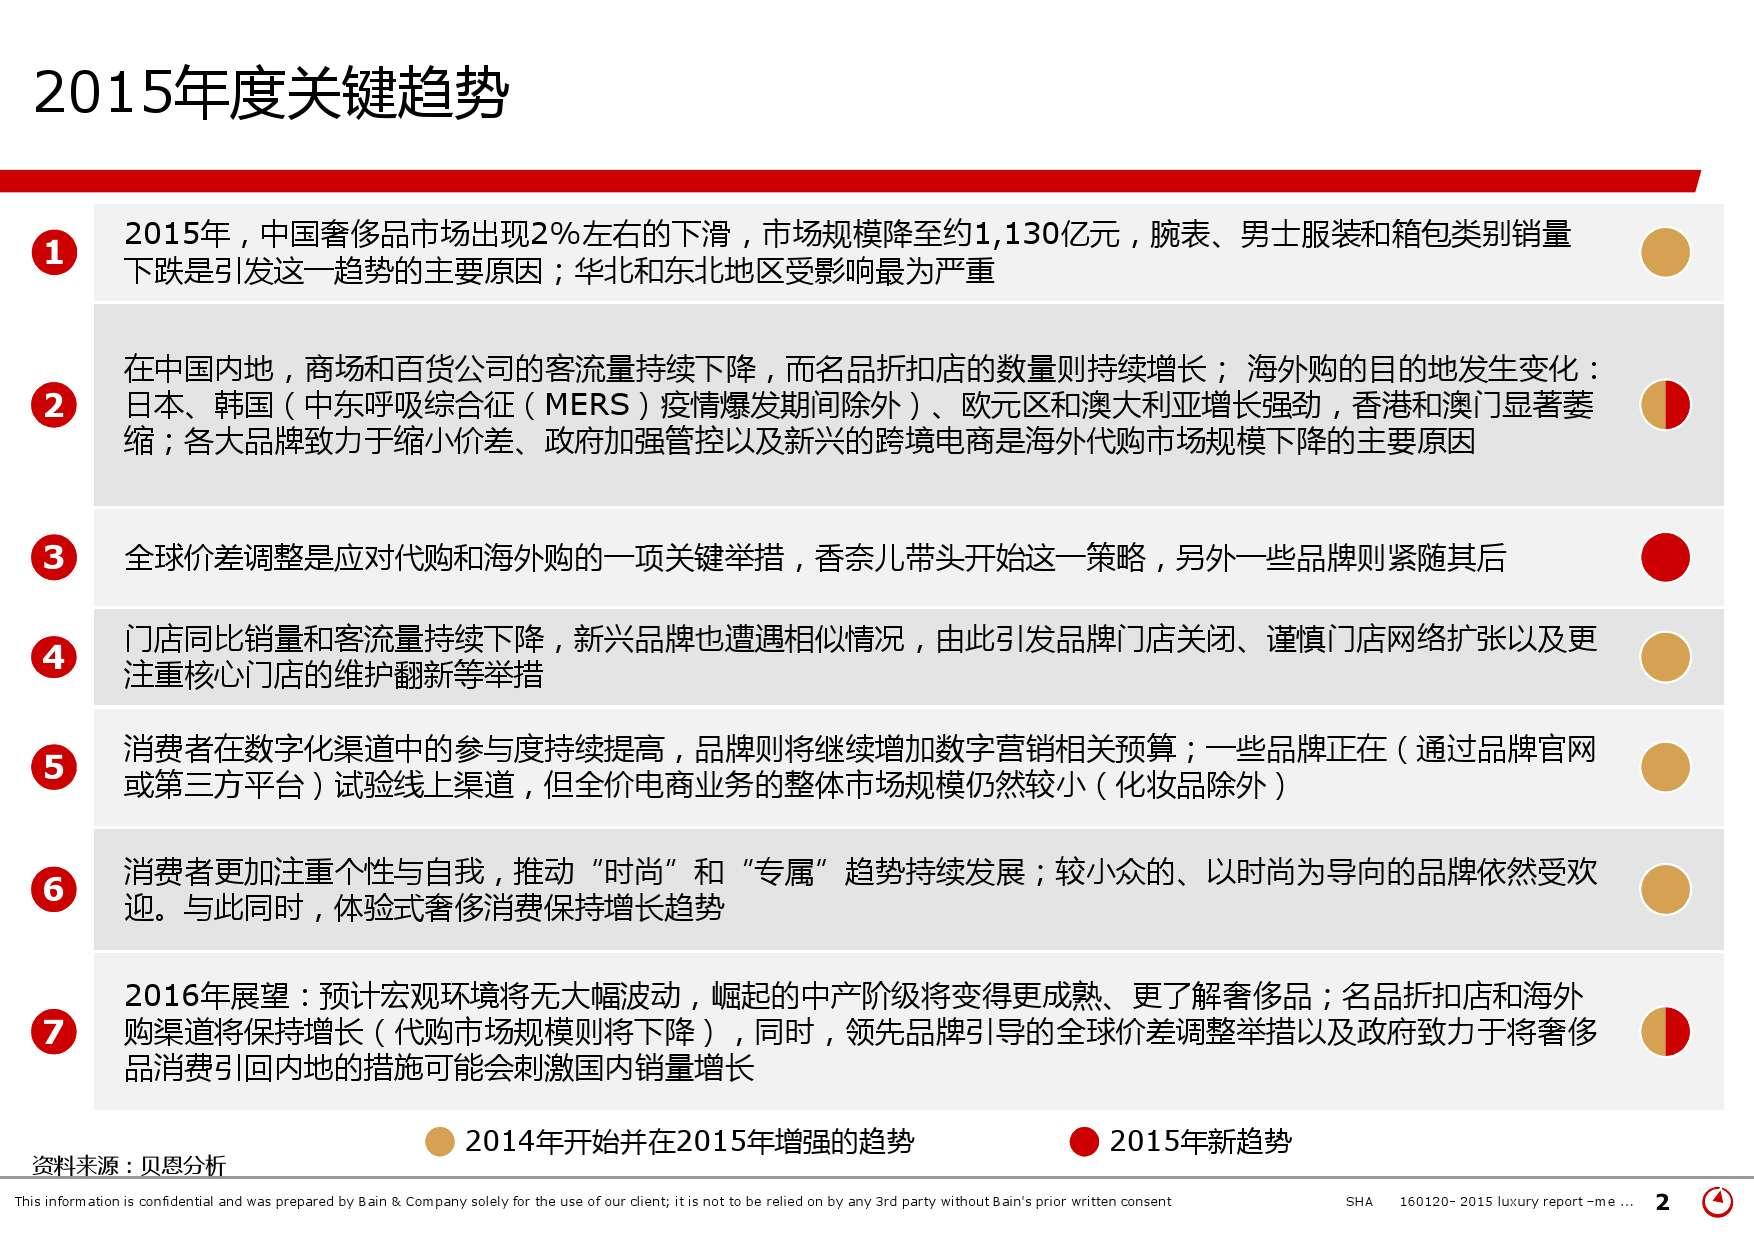 2015年中国奢侈品市场研究报告_000002